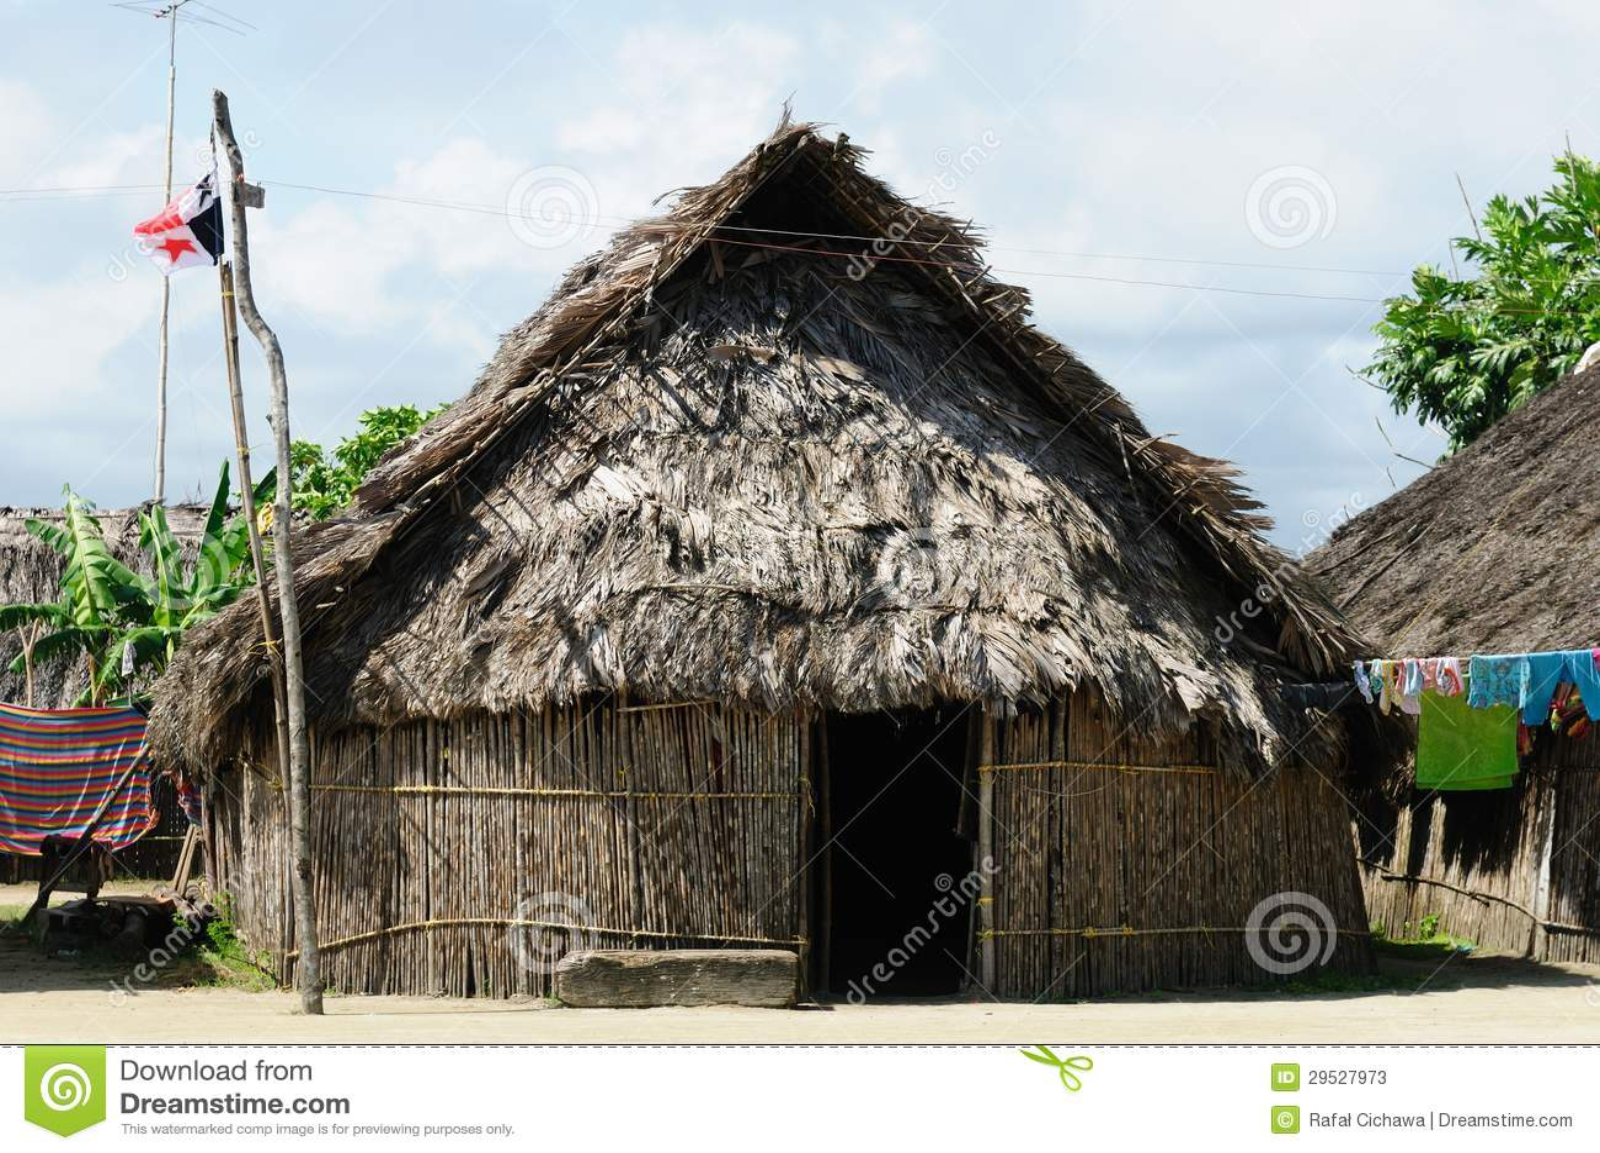 Panamá, casa tradicional dos residentes do arquipélago de San Blas